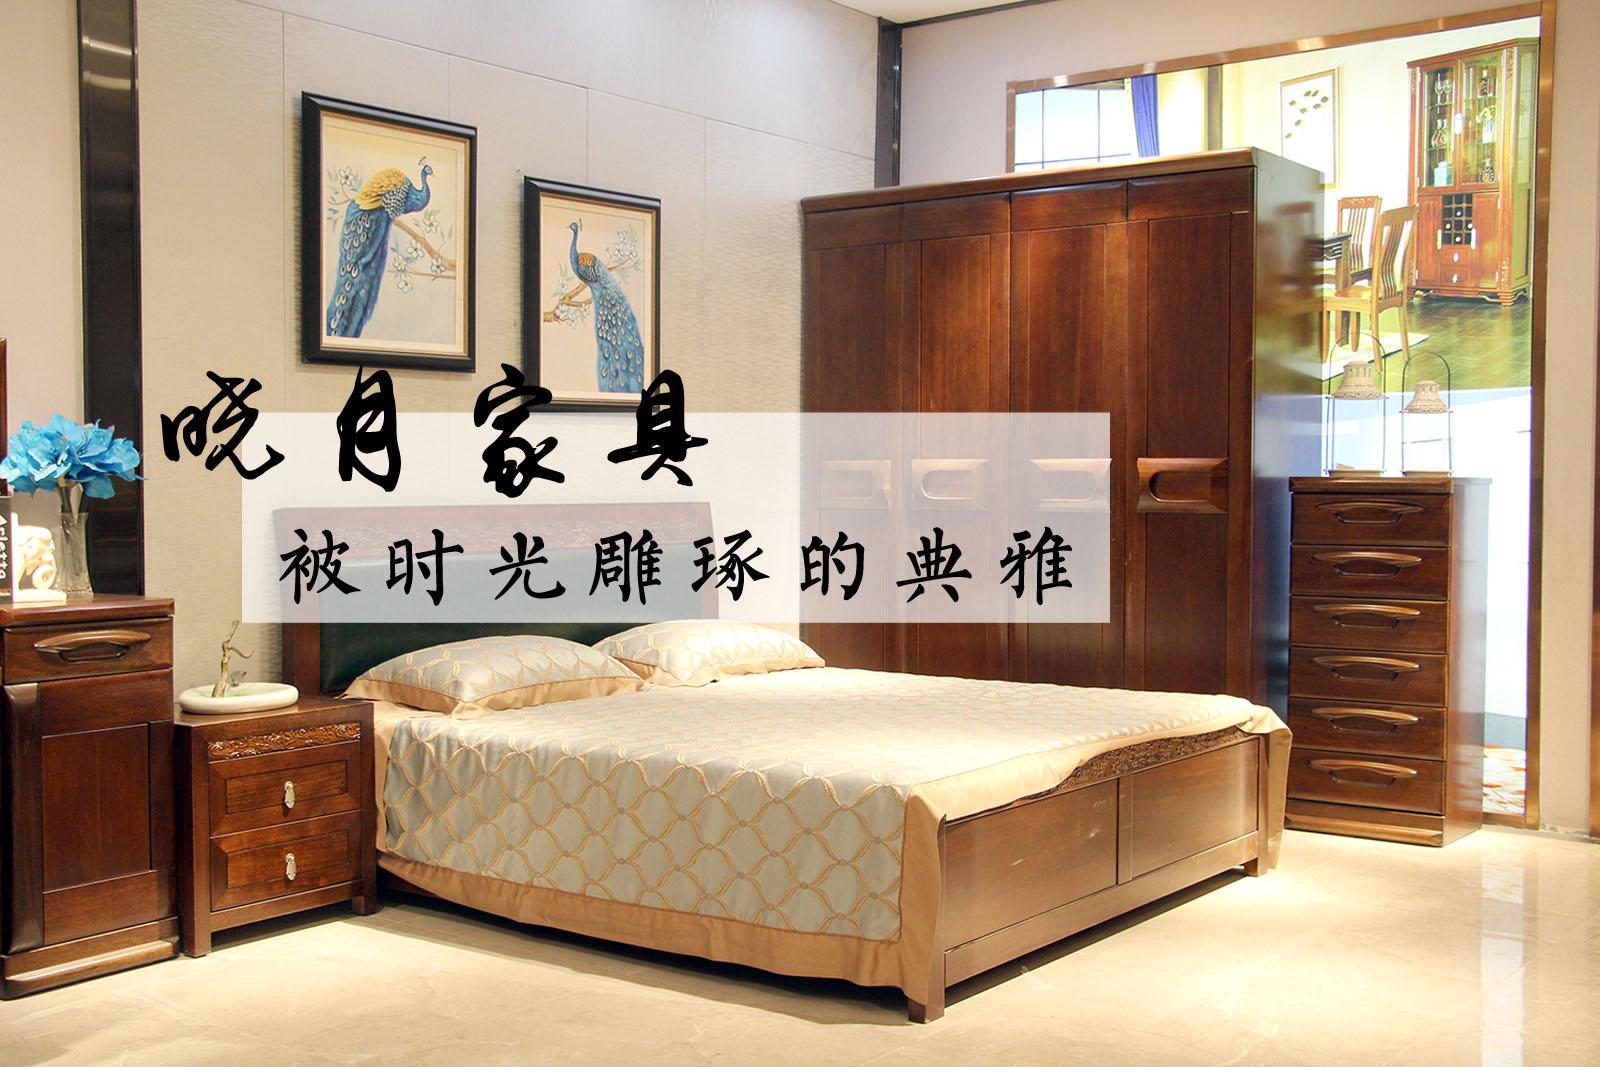 荐:晓月胡桃木卧室家具被时光雕琢的典雅